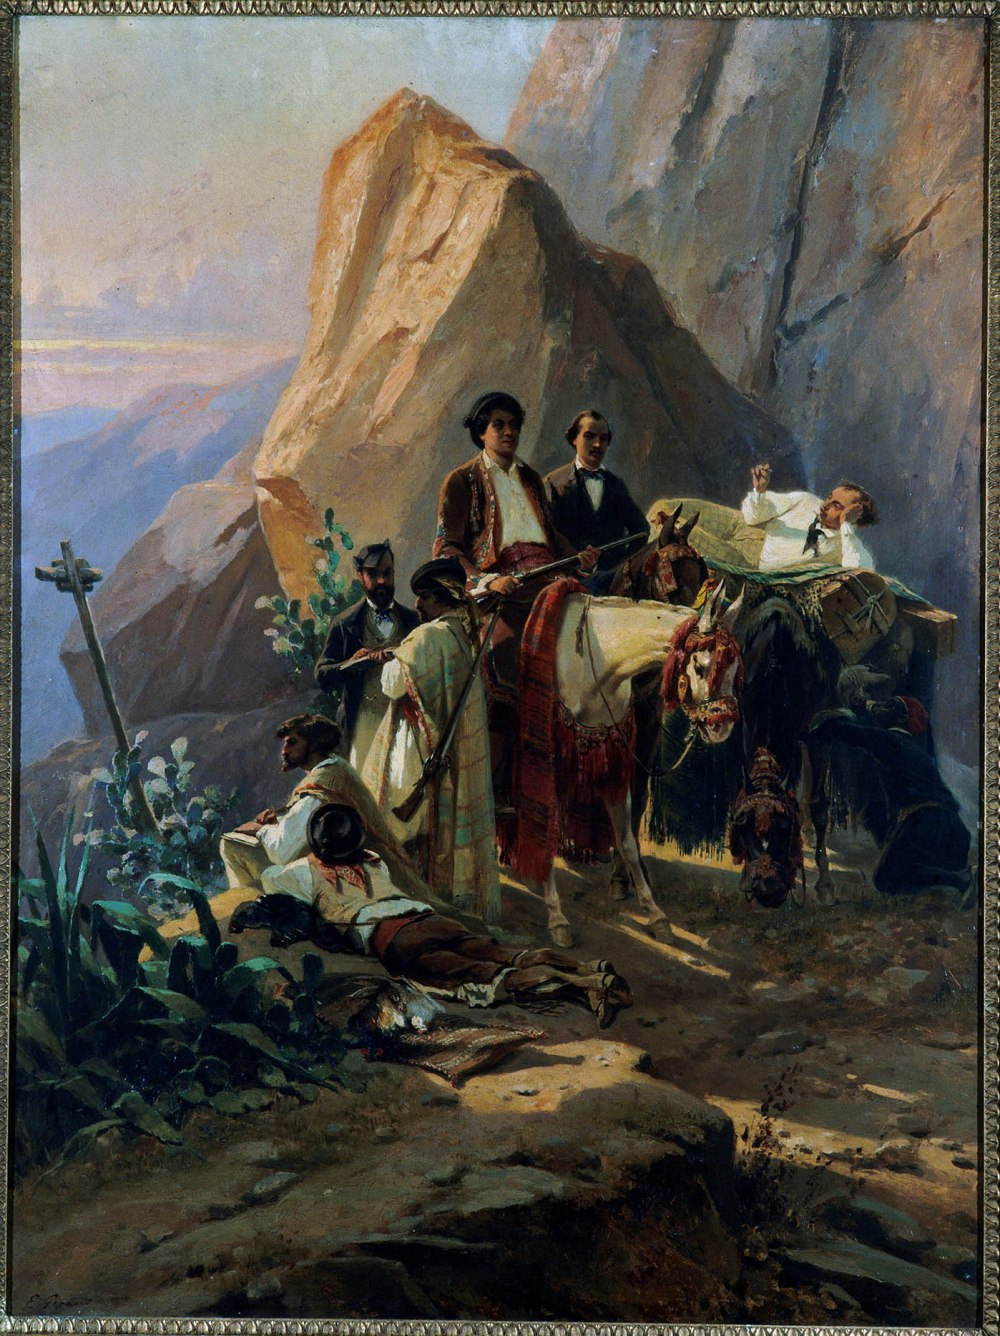 Eugene Giraud.  Recuerdo del viaje de París a Cádiz realizado en 1846 por Alexandre Dumas y sus amigos. Hacia 1855. Museo Carnavales. París.